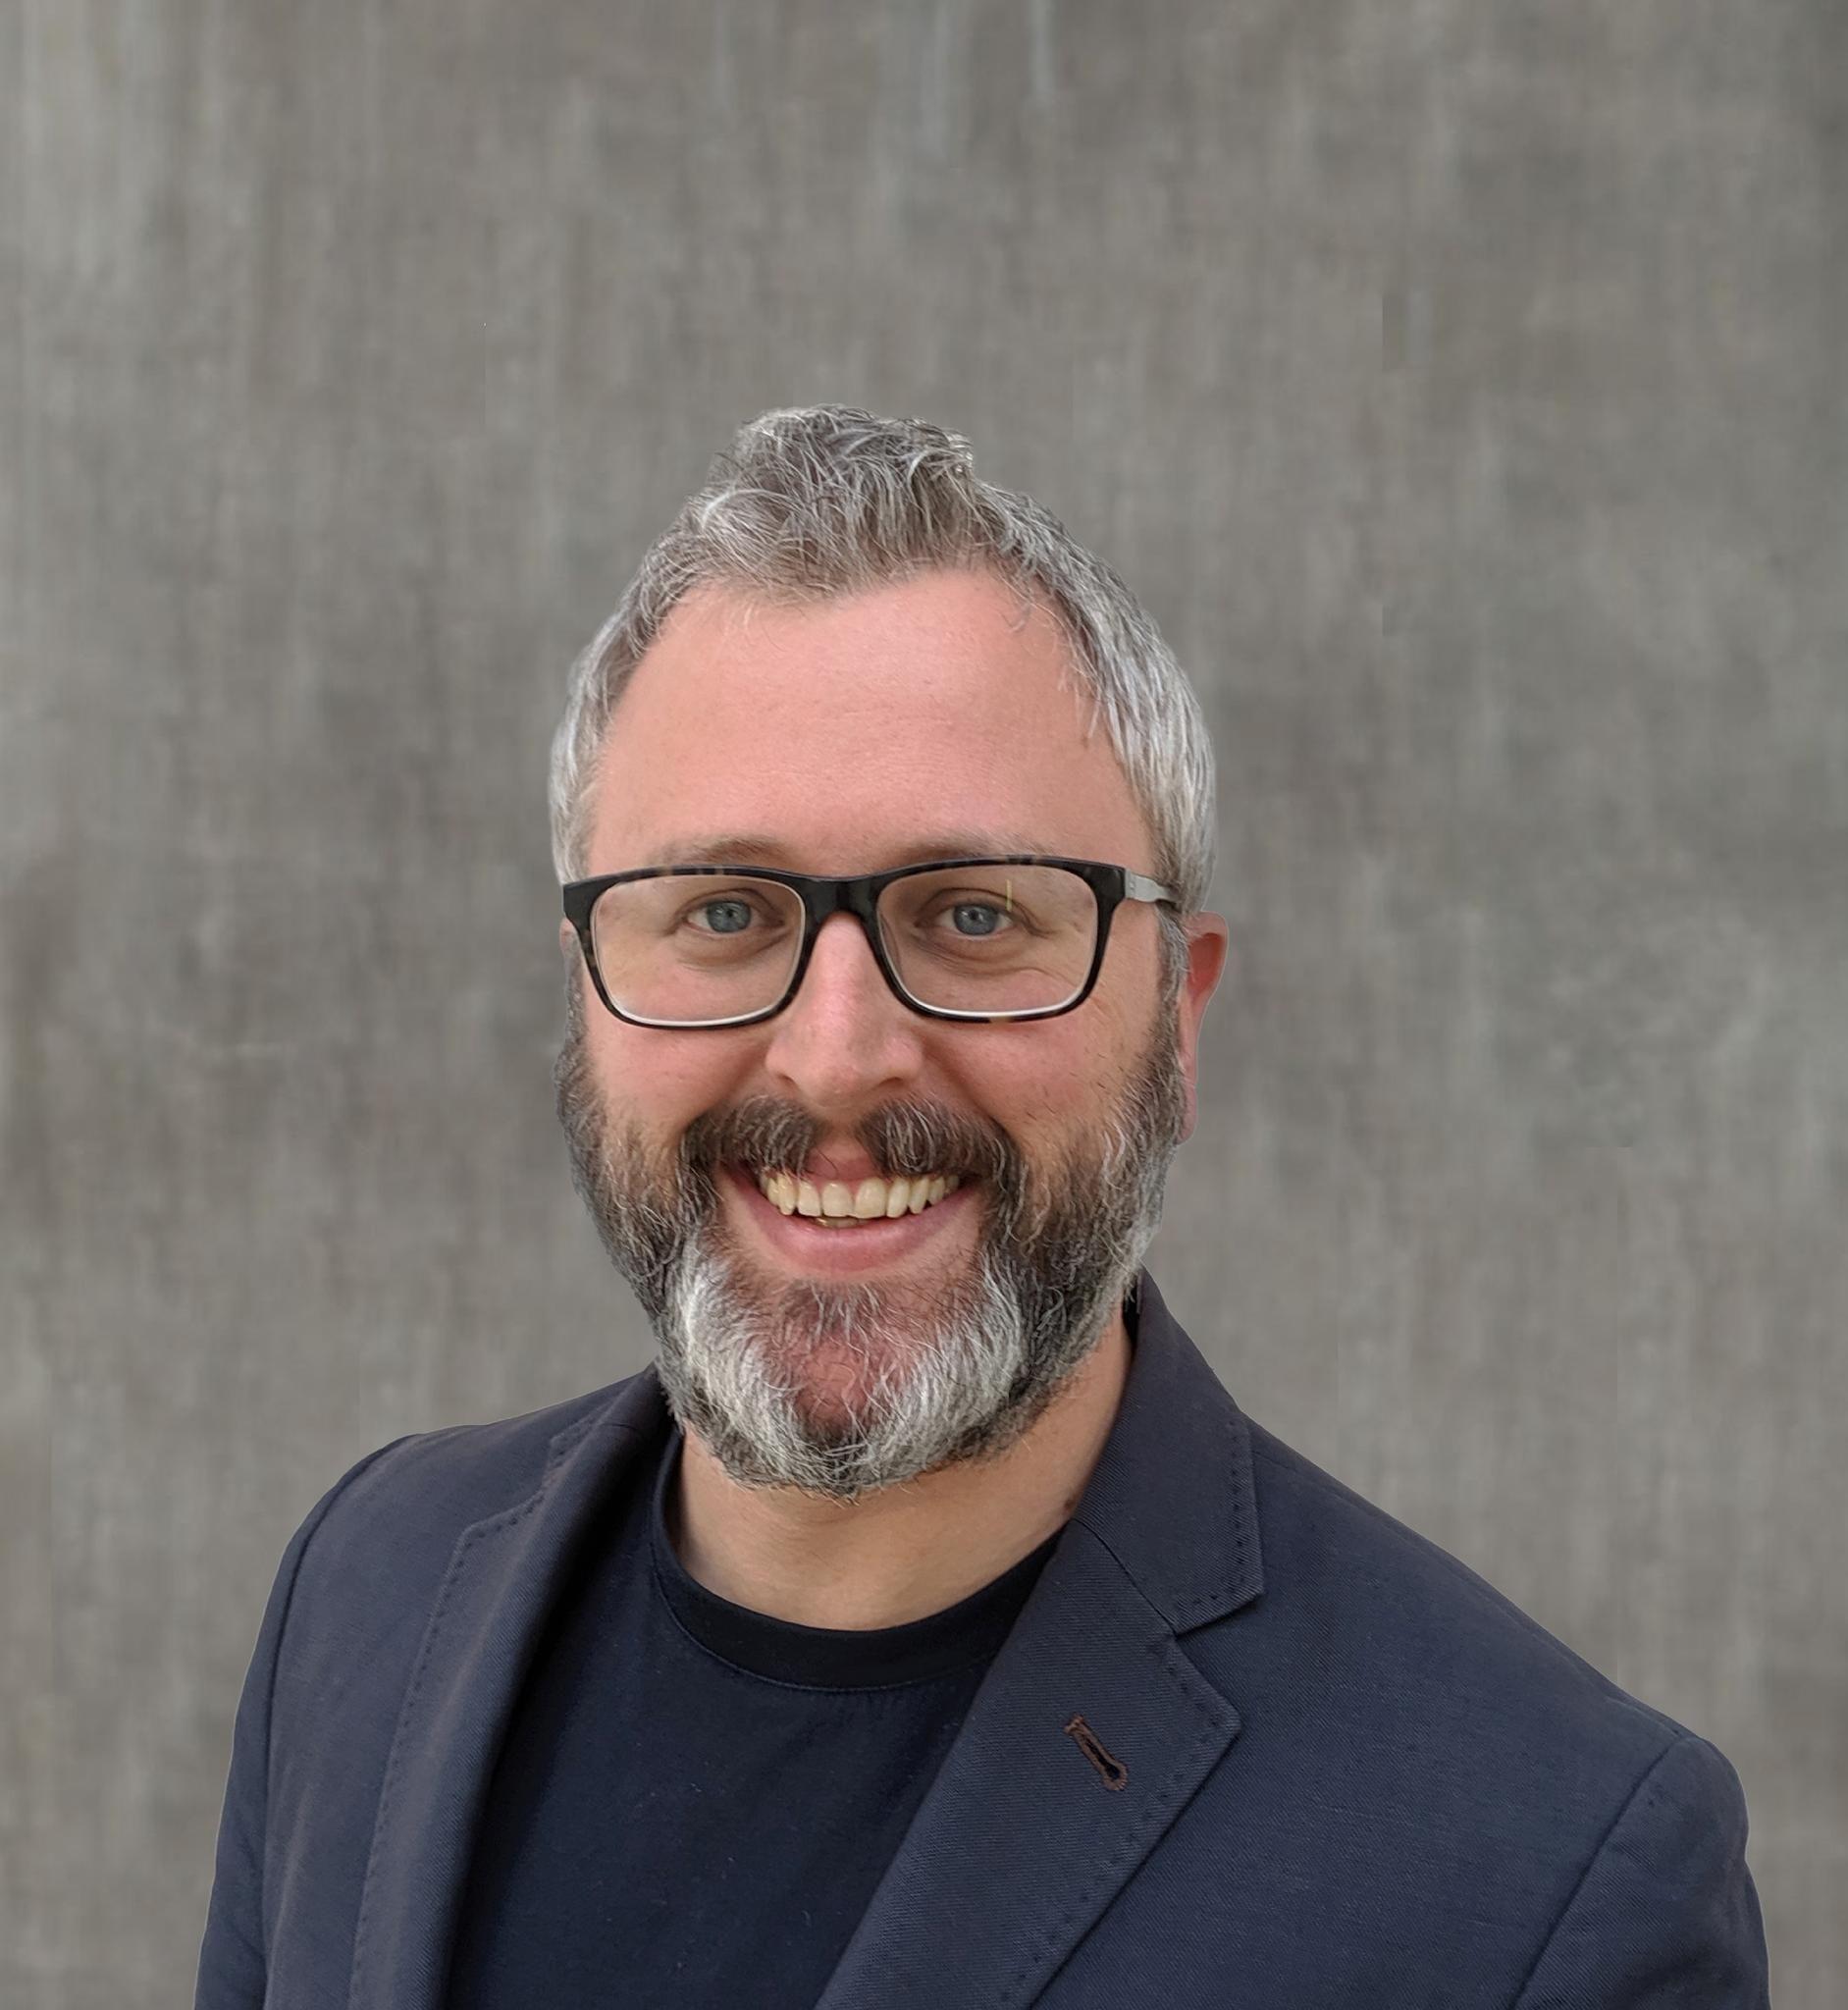 David Sargeant